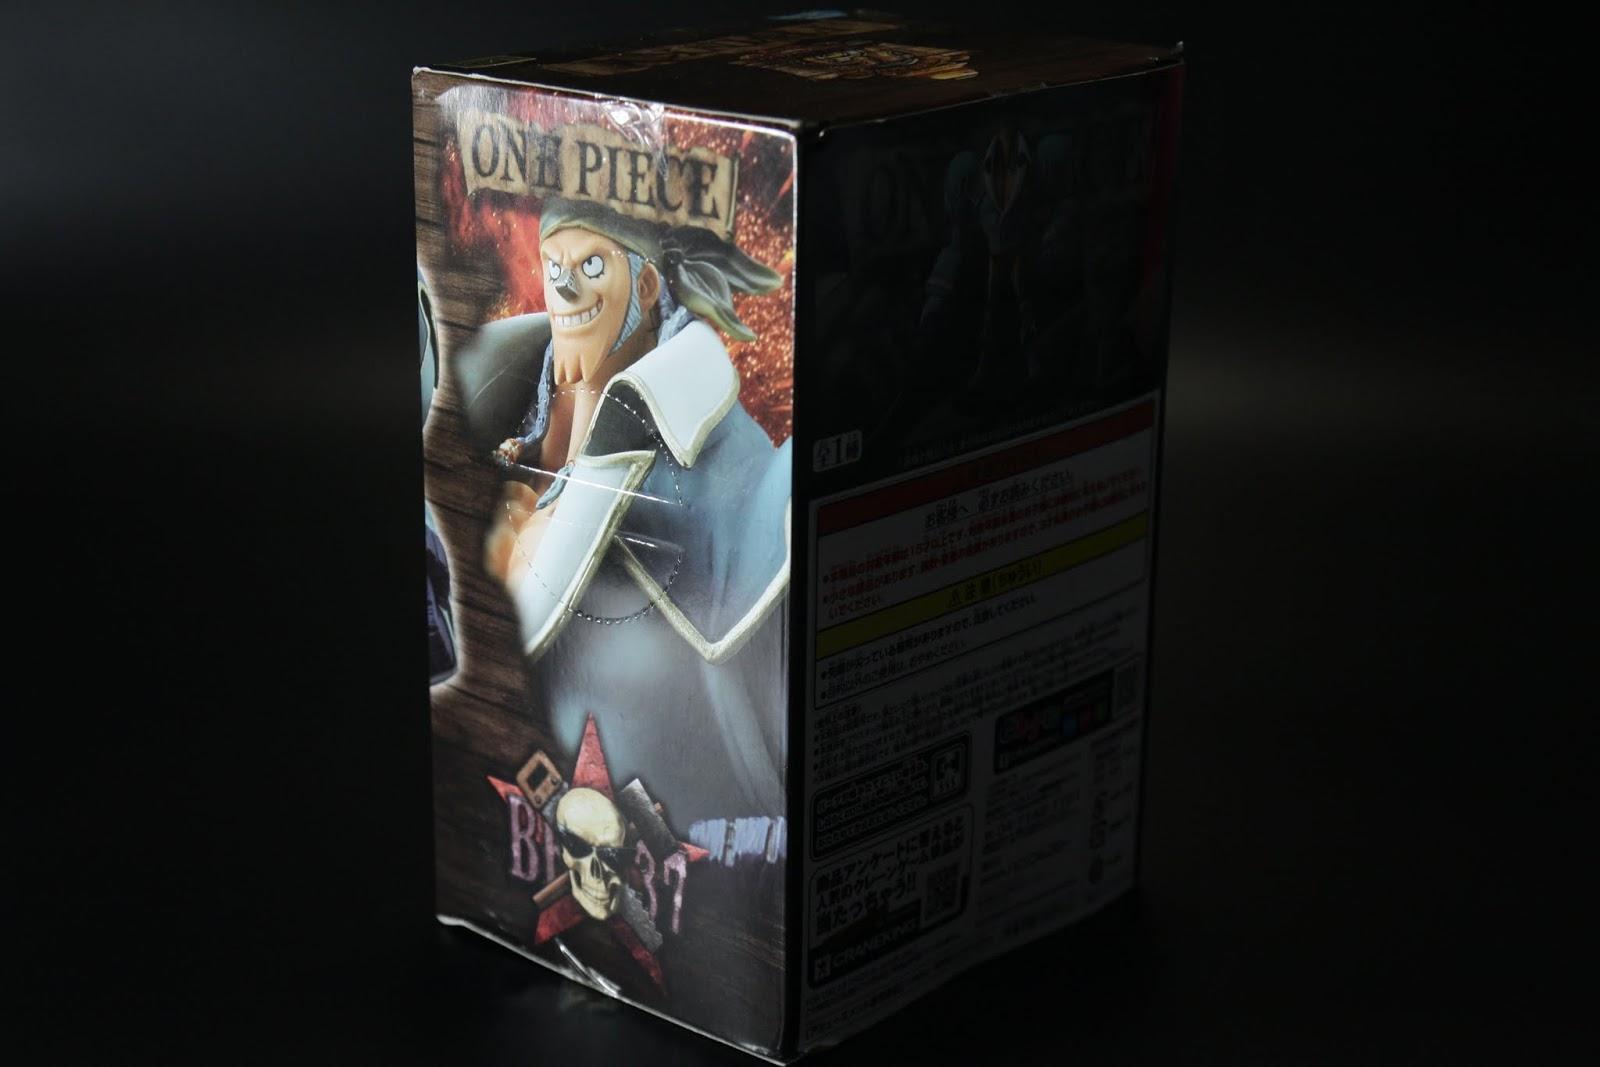 盒子很熱鬧,很有海賊王作品的感覺